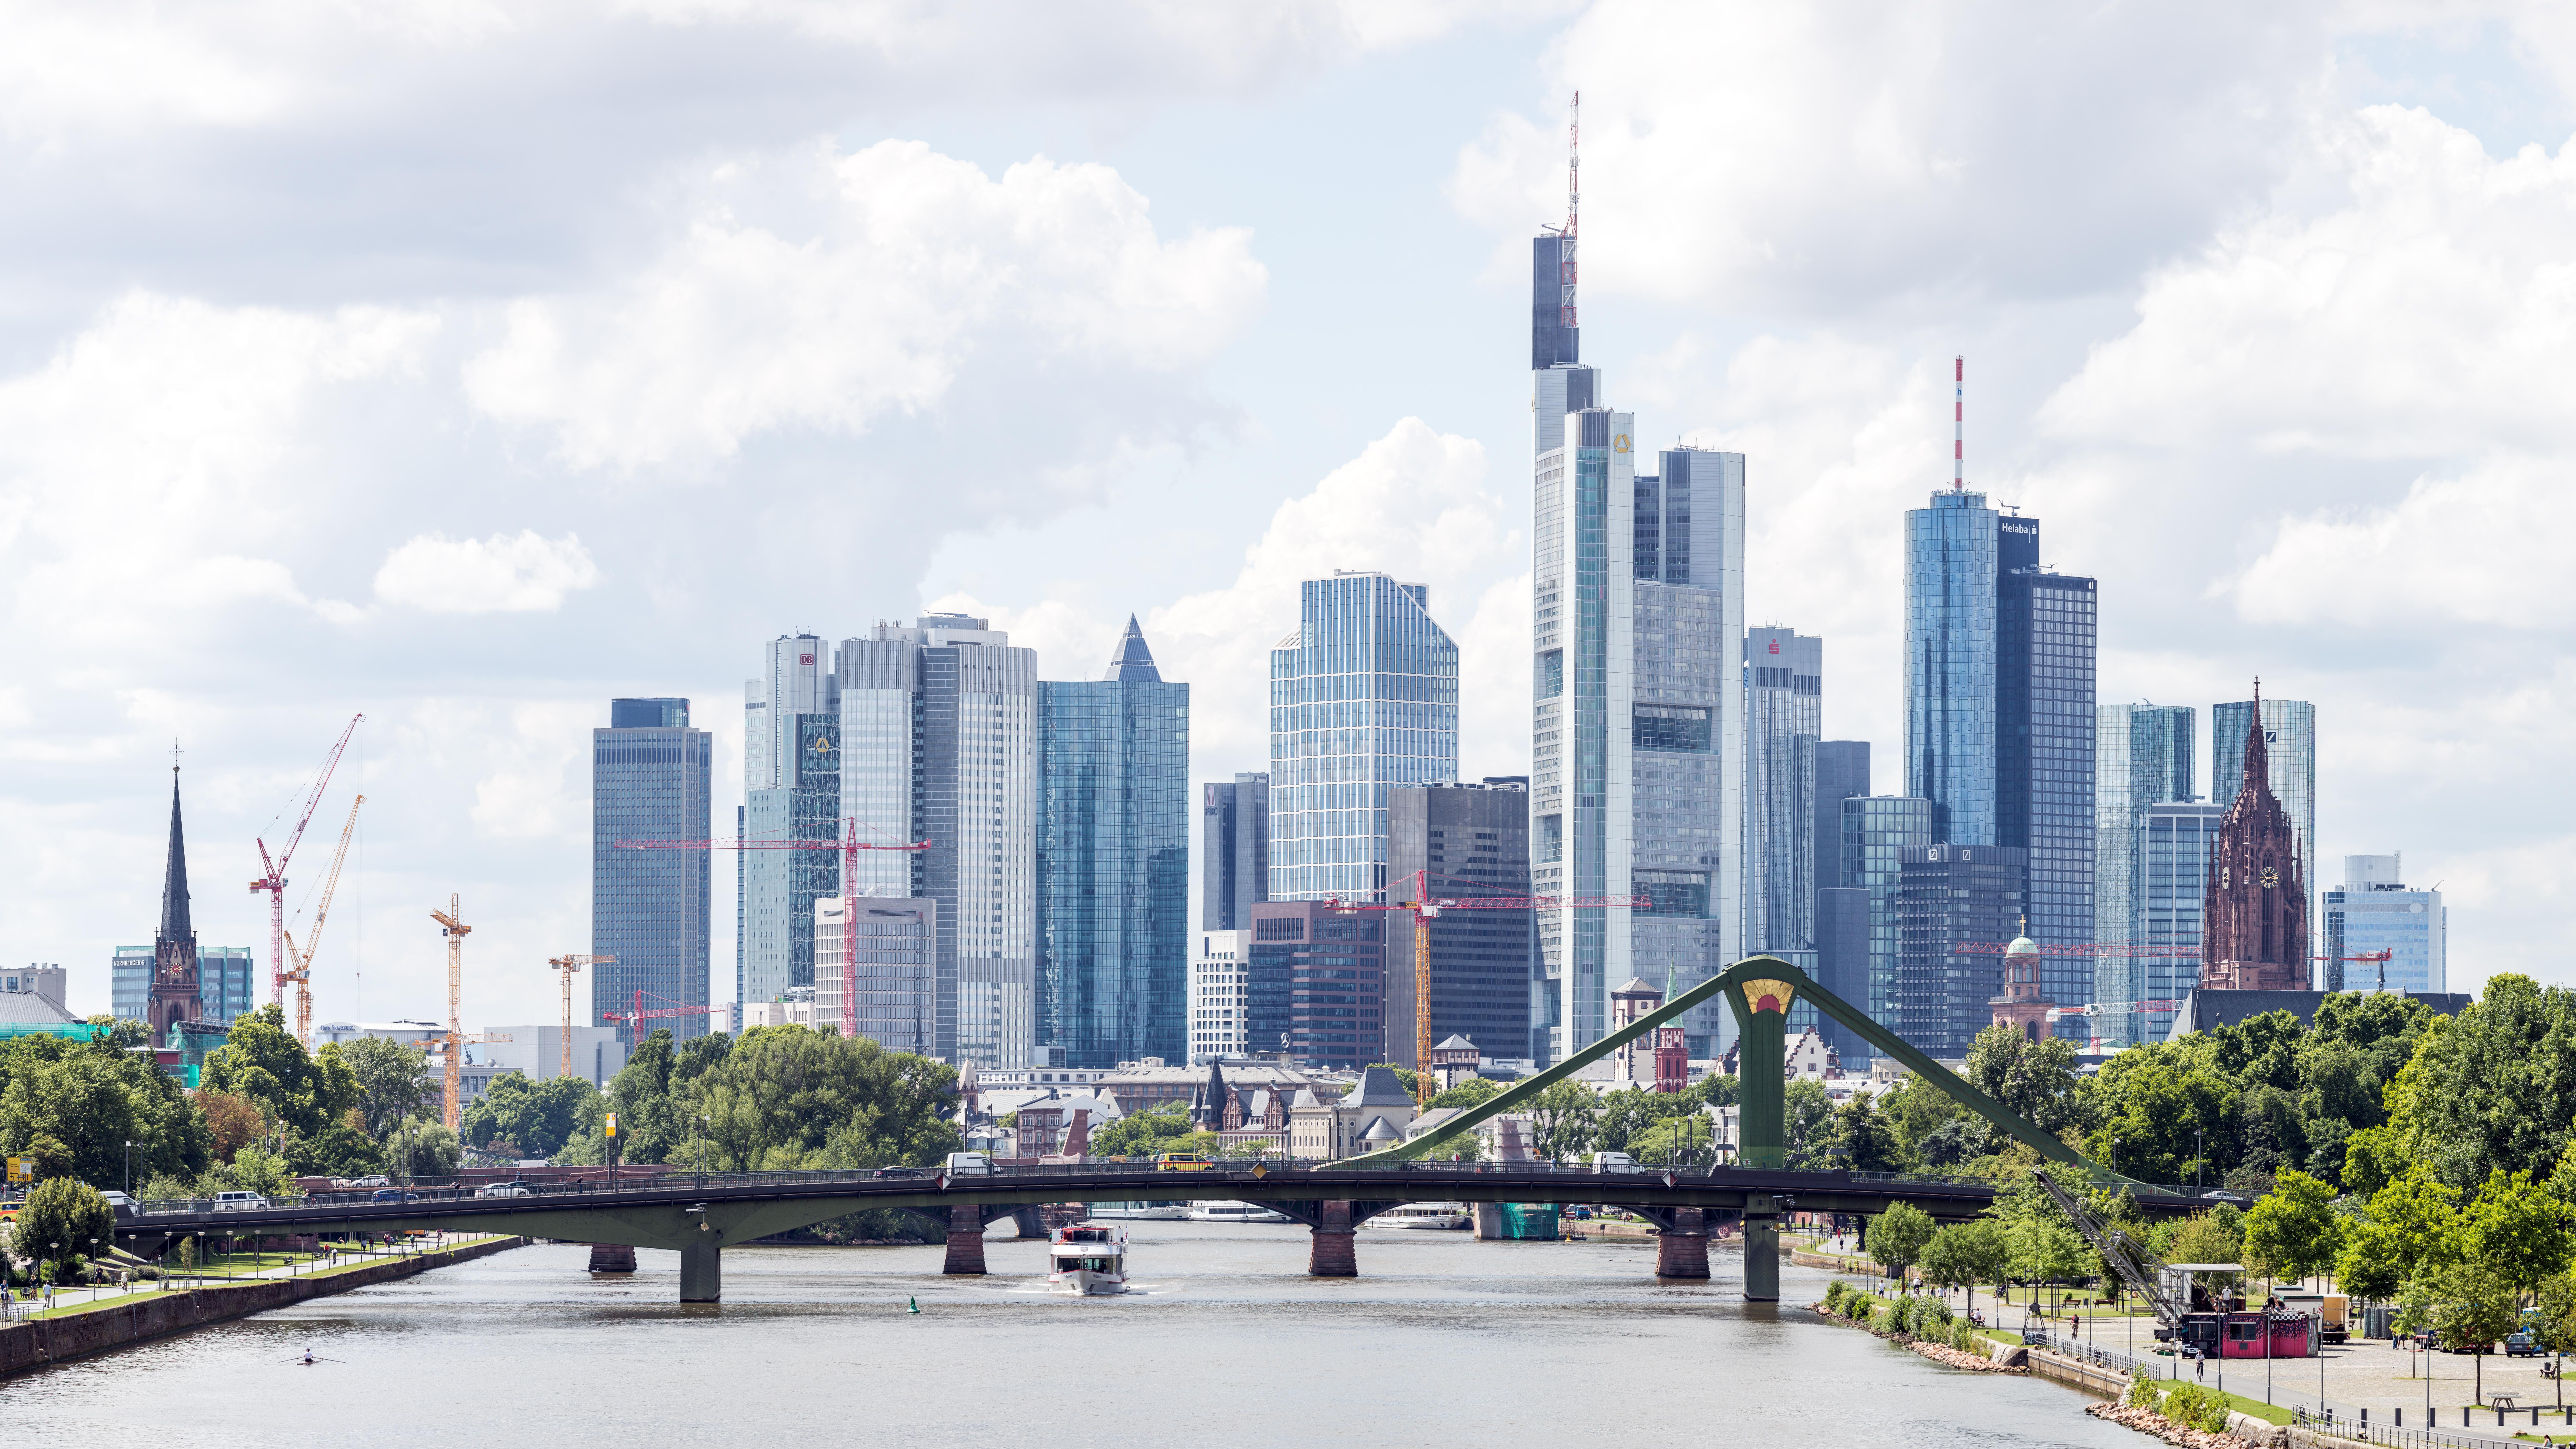 Frankfurt ist ein internationales Finanz- und Dienstleistungszentrum sowie Sitz der Europäischen Zentralbank.